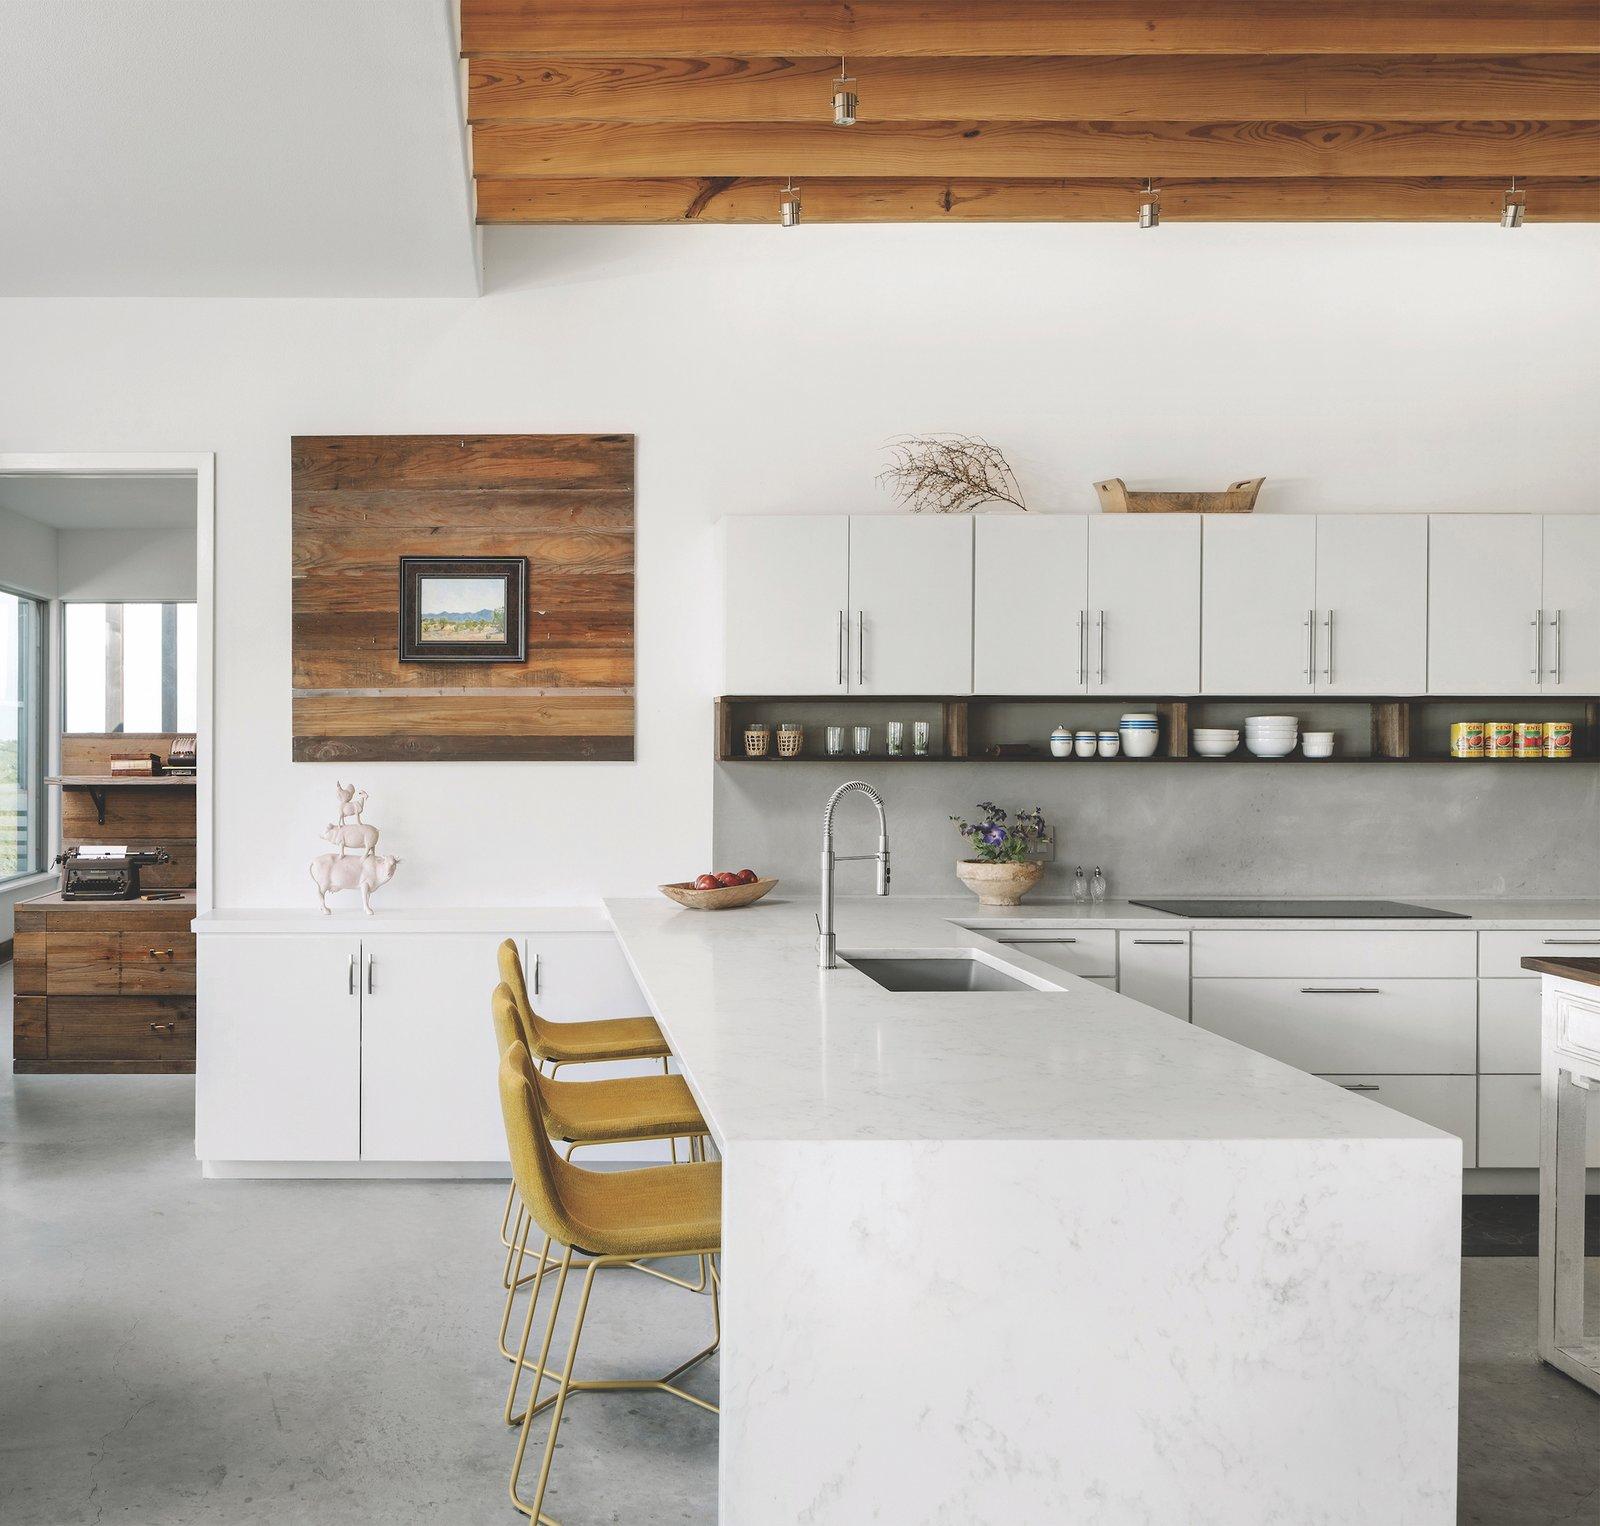 Kitchen of Dakota Mountain by LowDO.